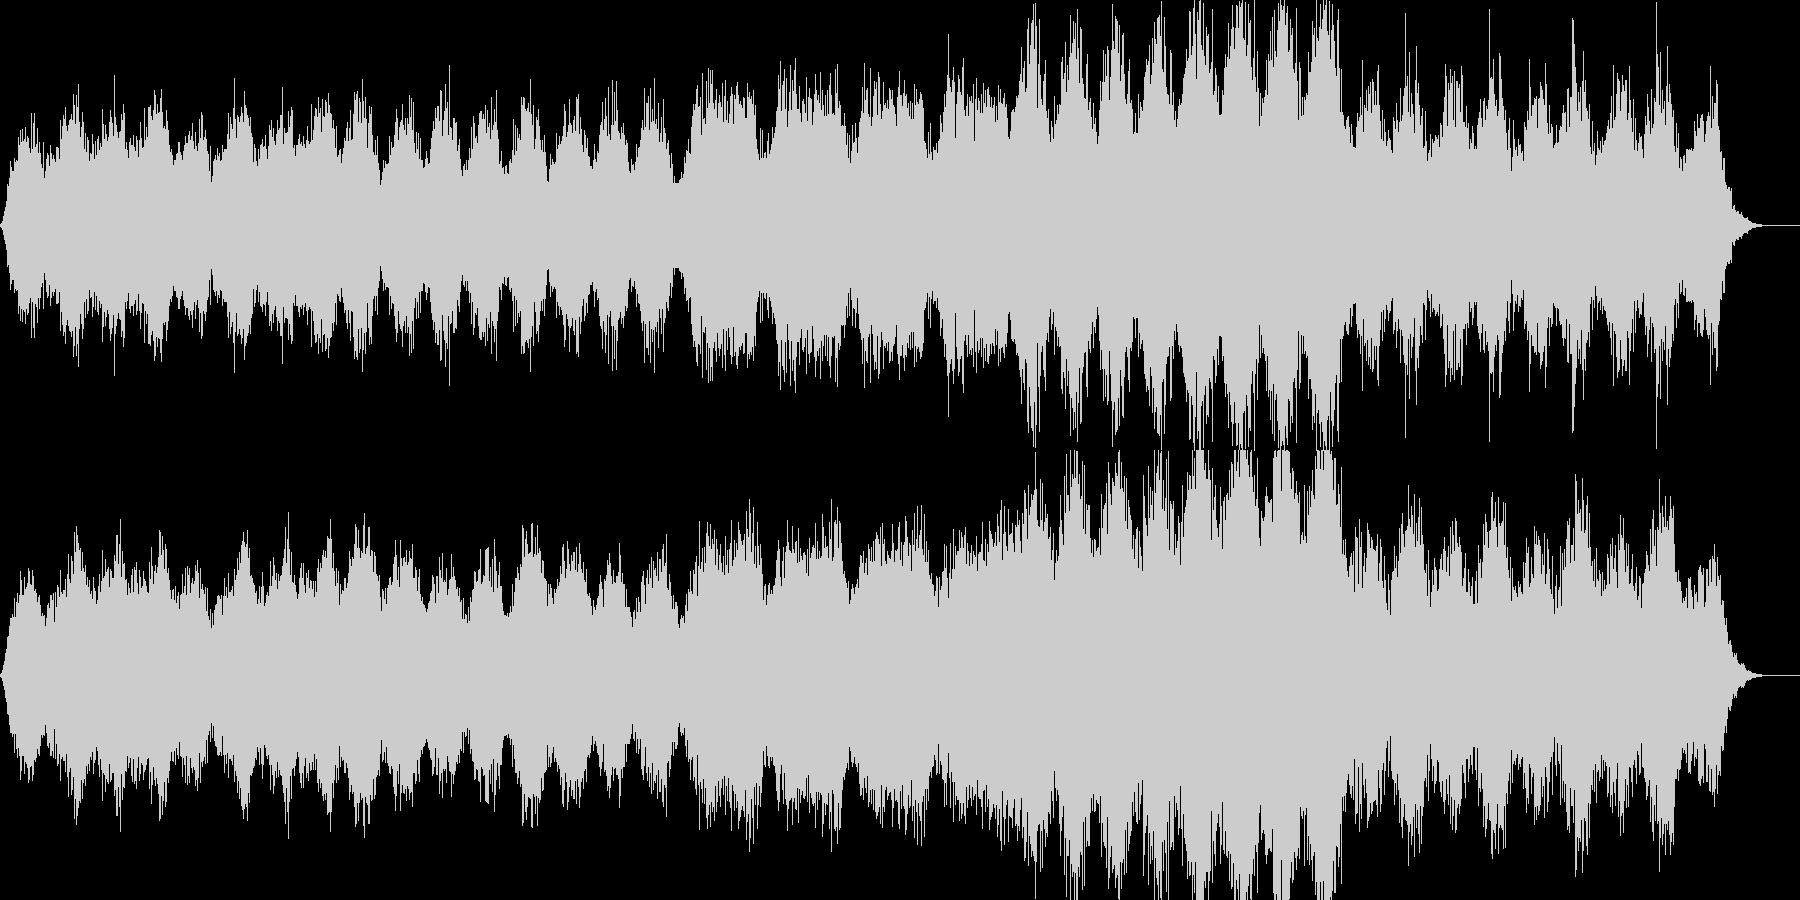 瞑想・ヒーリング的なクワイアの静かな曲の未再生の波形